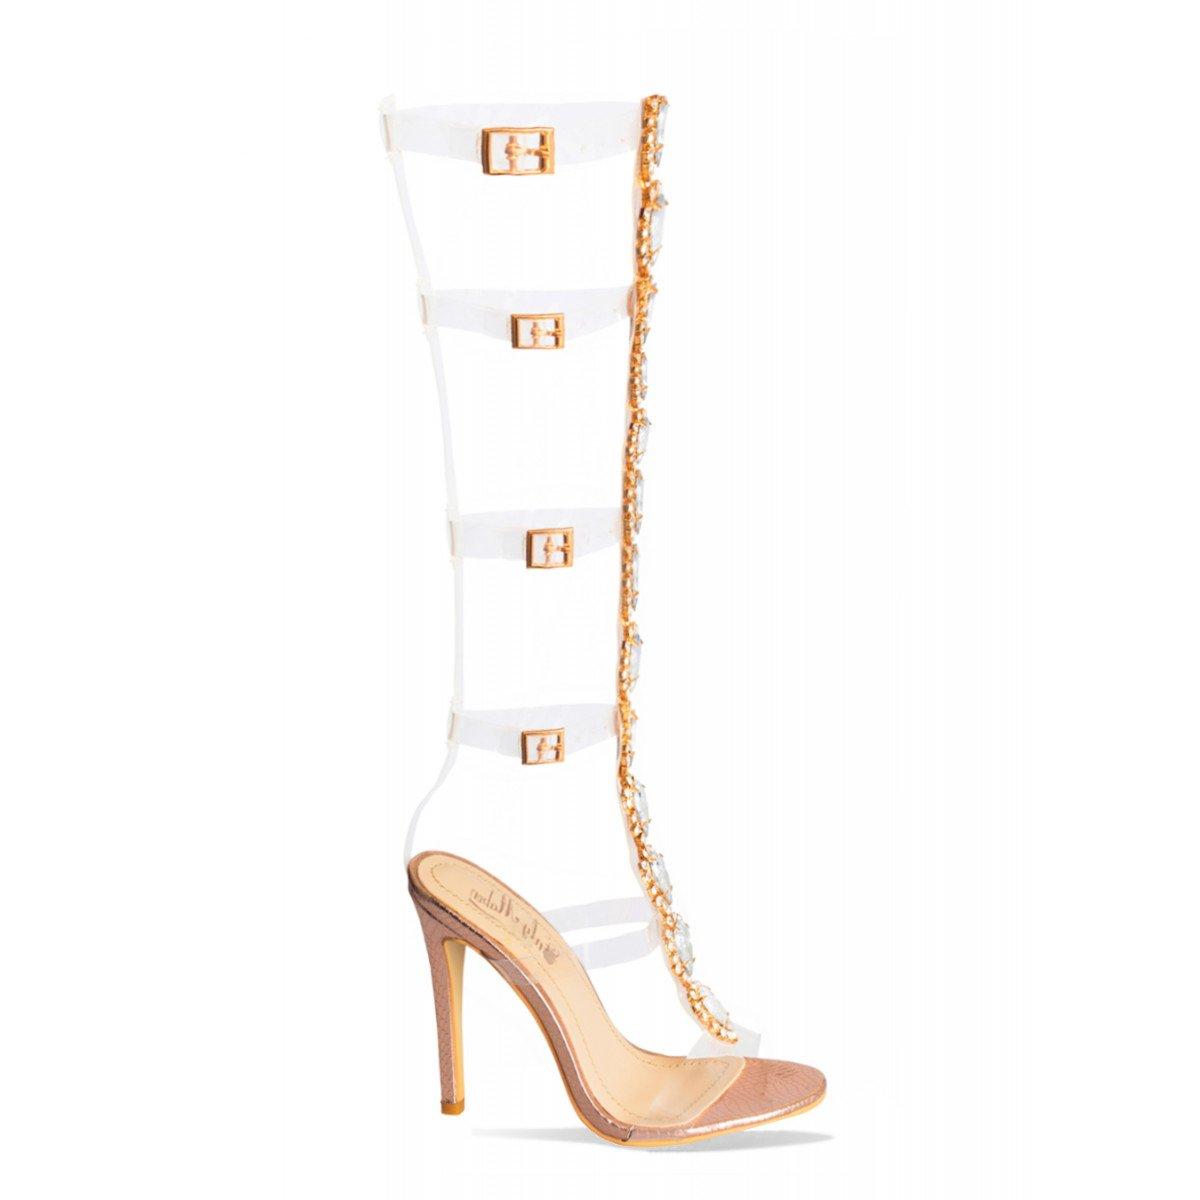 Onlymaker High Heels Pumps Sandaletten Damen Knöchelriemen Schnalle Pumps Heels Klar Stiletto Schuhe Gladiator Transparente Streifen Sandalen mit Strass Rose Gold-b d526f8